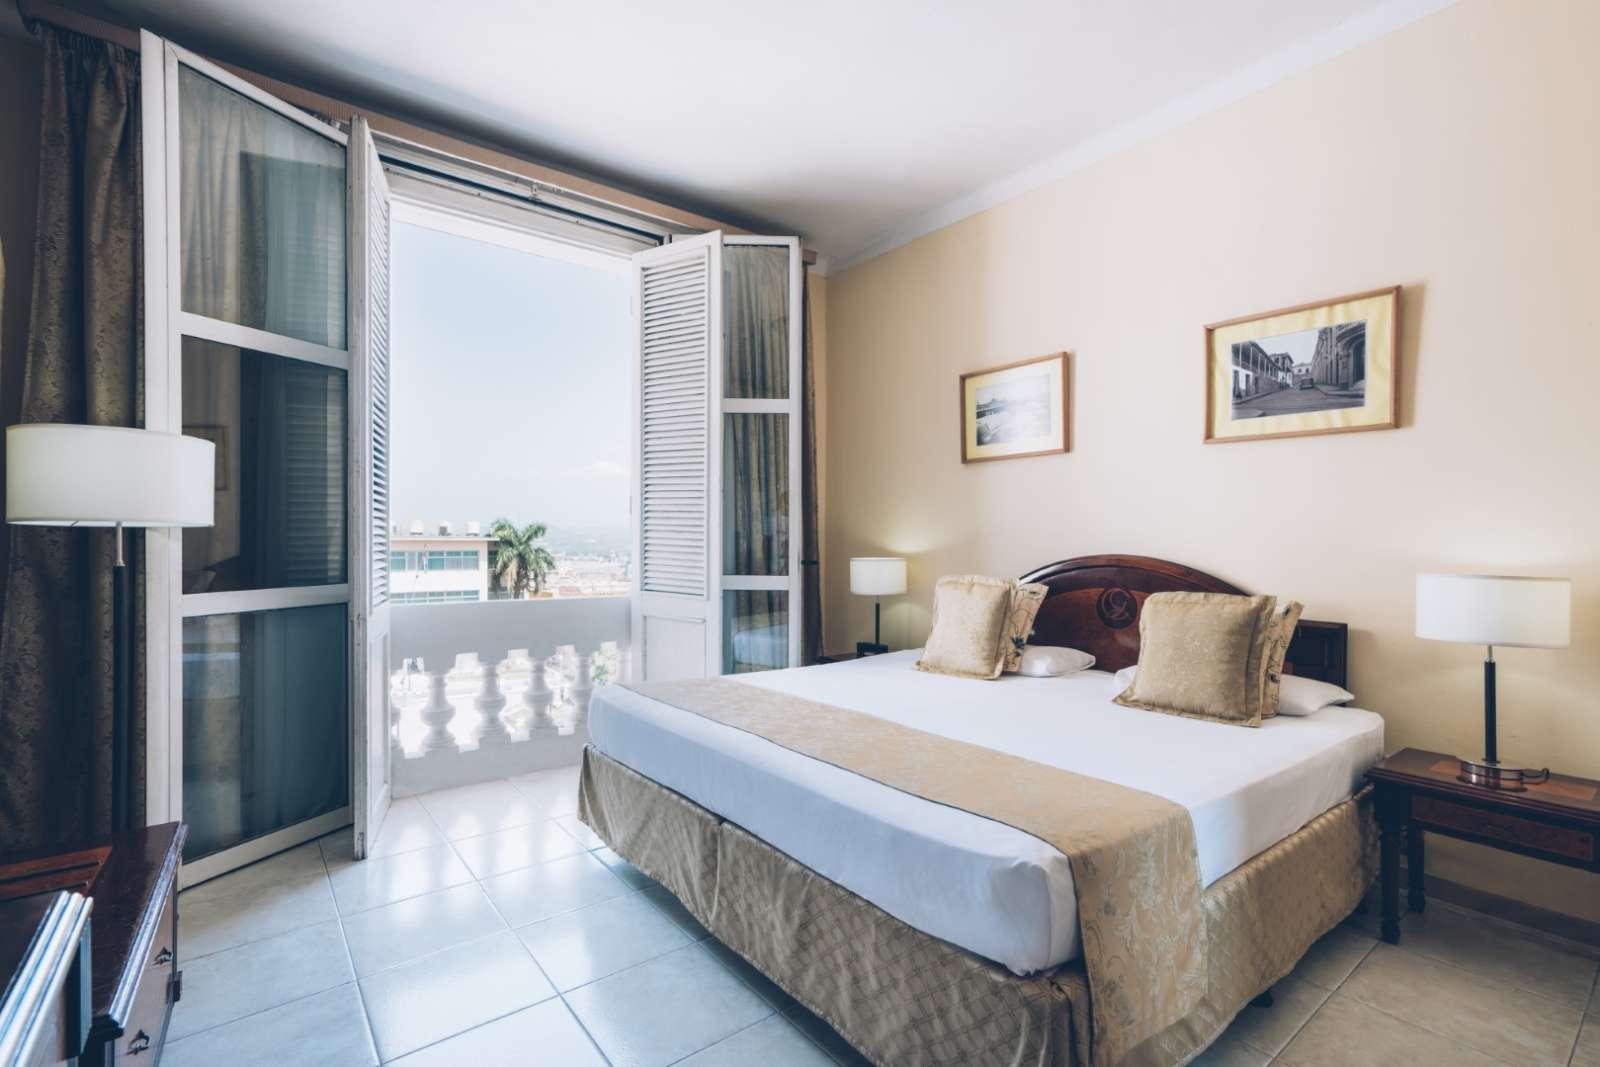 Bedroom with balcony at Iberostar Casa Granda